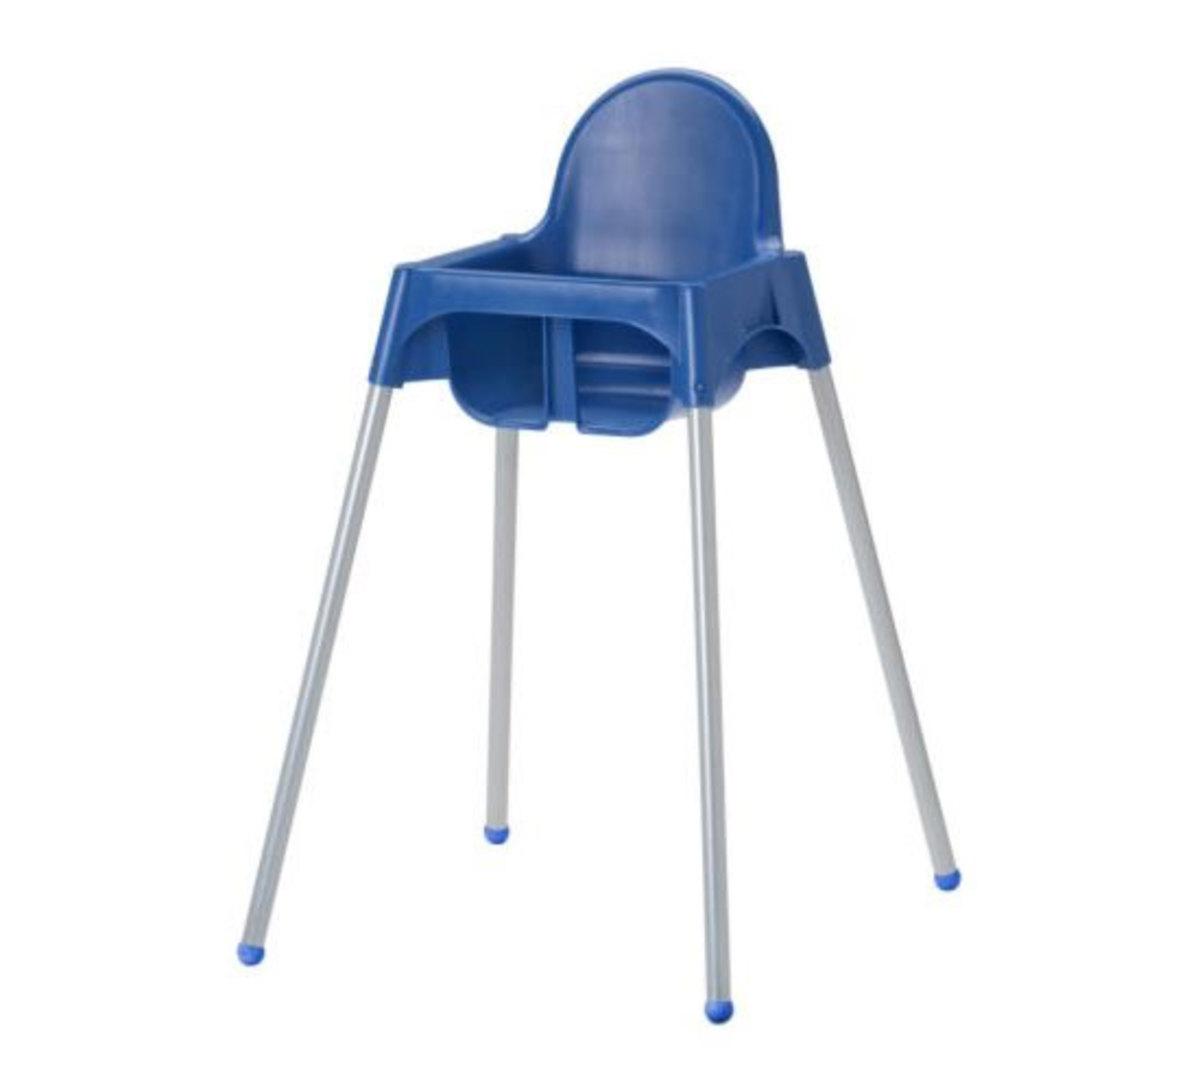 Αποσύρεται παιδικό κάθισμα της ΙΚΕΑ | Newsit.gr